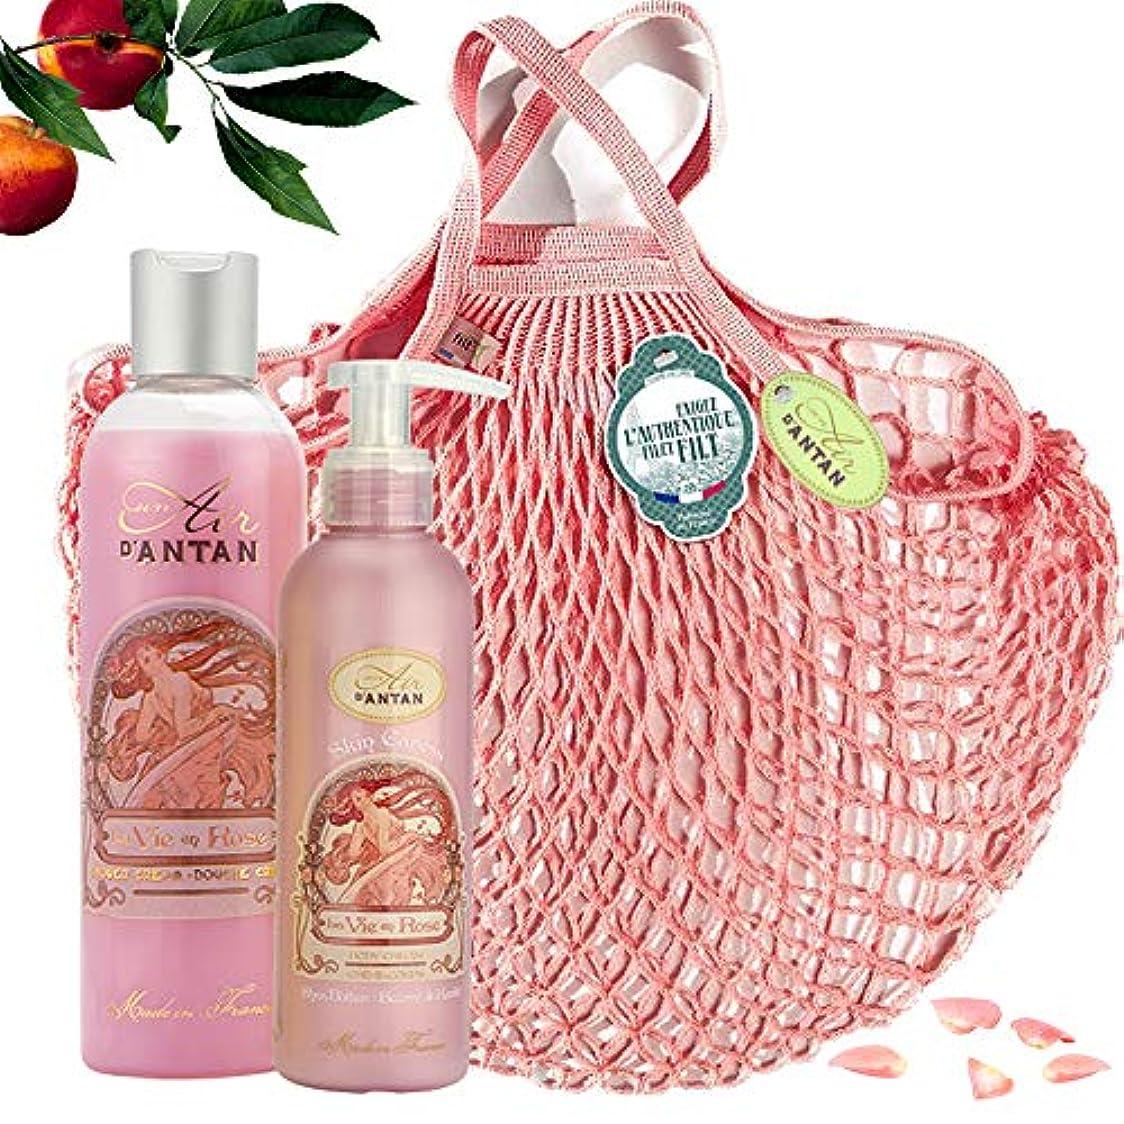 元のパスポートショッピングセンターROSE Woman Beauty Set - ロトデュオバス&ネットフィットケア:1シャワージェル250ml、1ボディローションモイスチャライザー200ml - ピンクの香水、ピーチ、パチョリ - 記念日のギフトのアイデア、フランス製